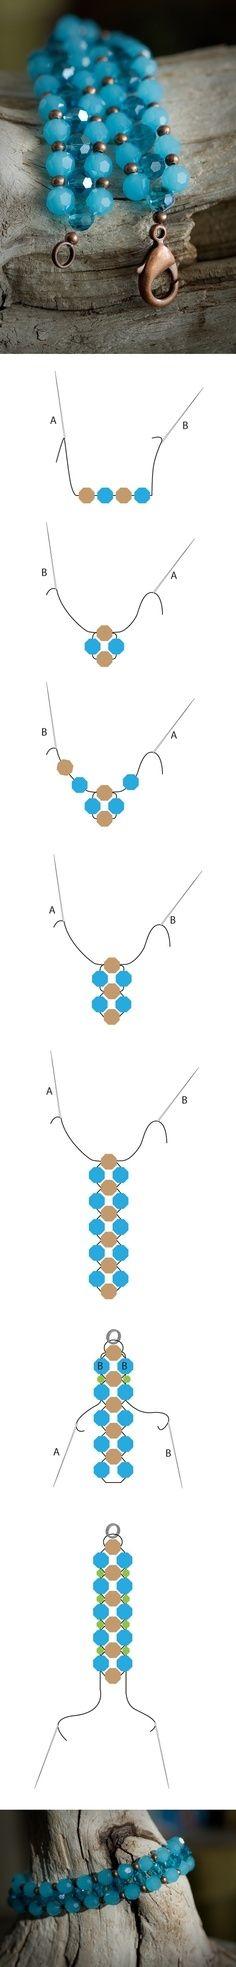 DIY Bead Bracelets diy crafts craft ideas easy crafts diy ideas crafty easy diy diy jewelry diy bracelet craft bracelet jewelry diy